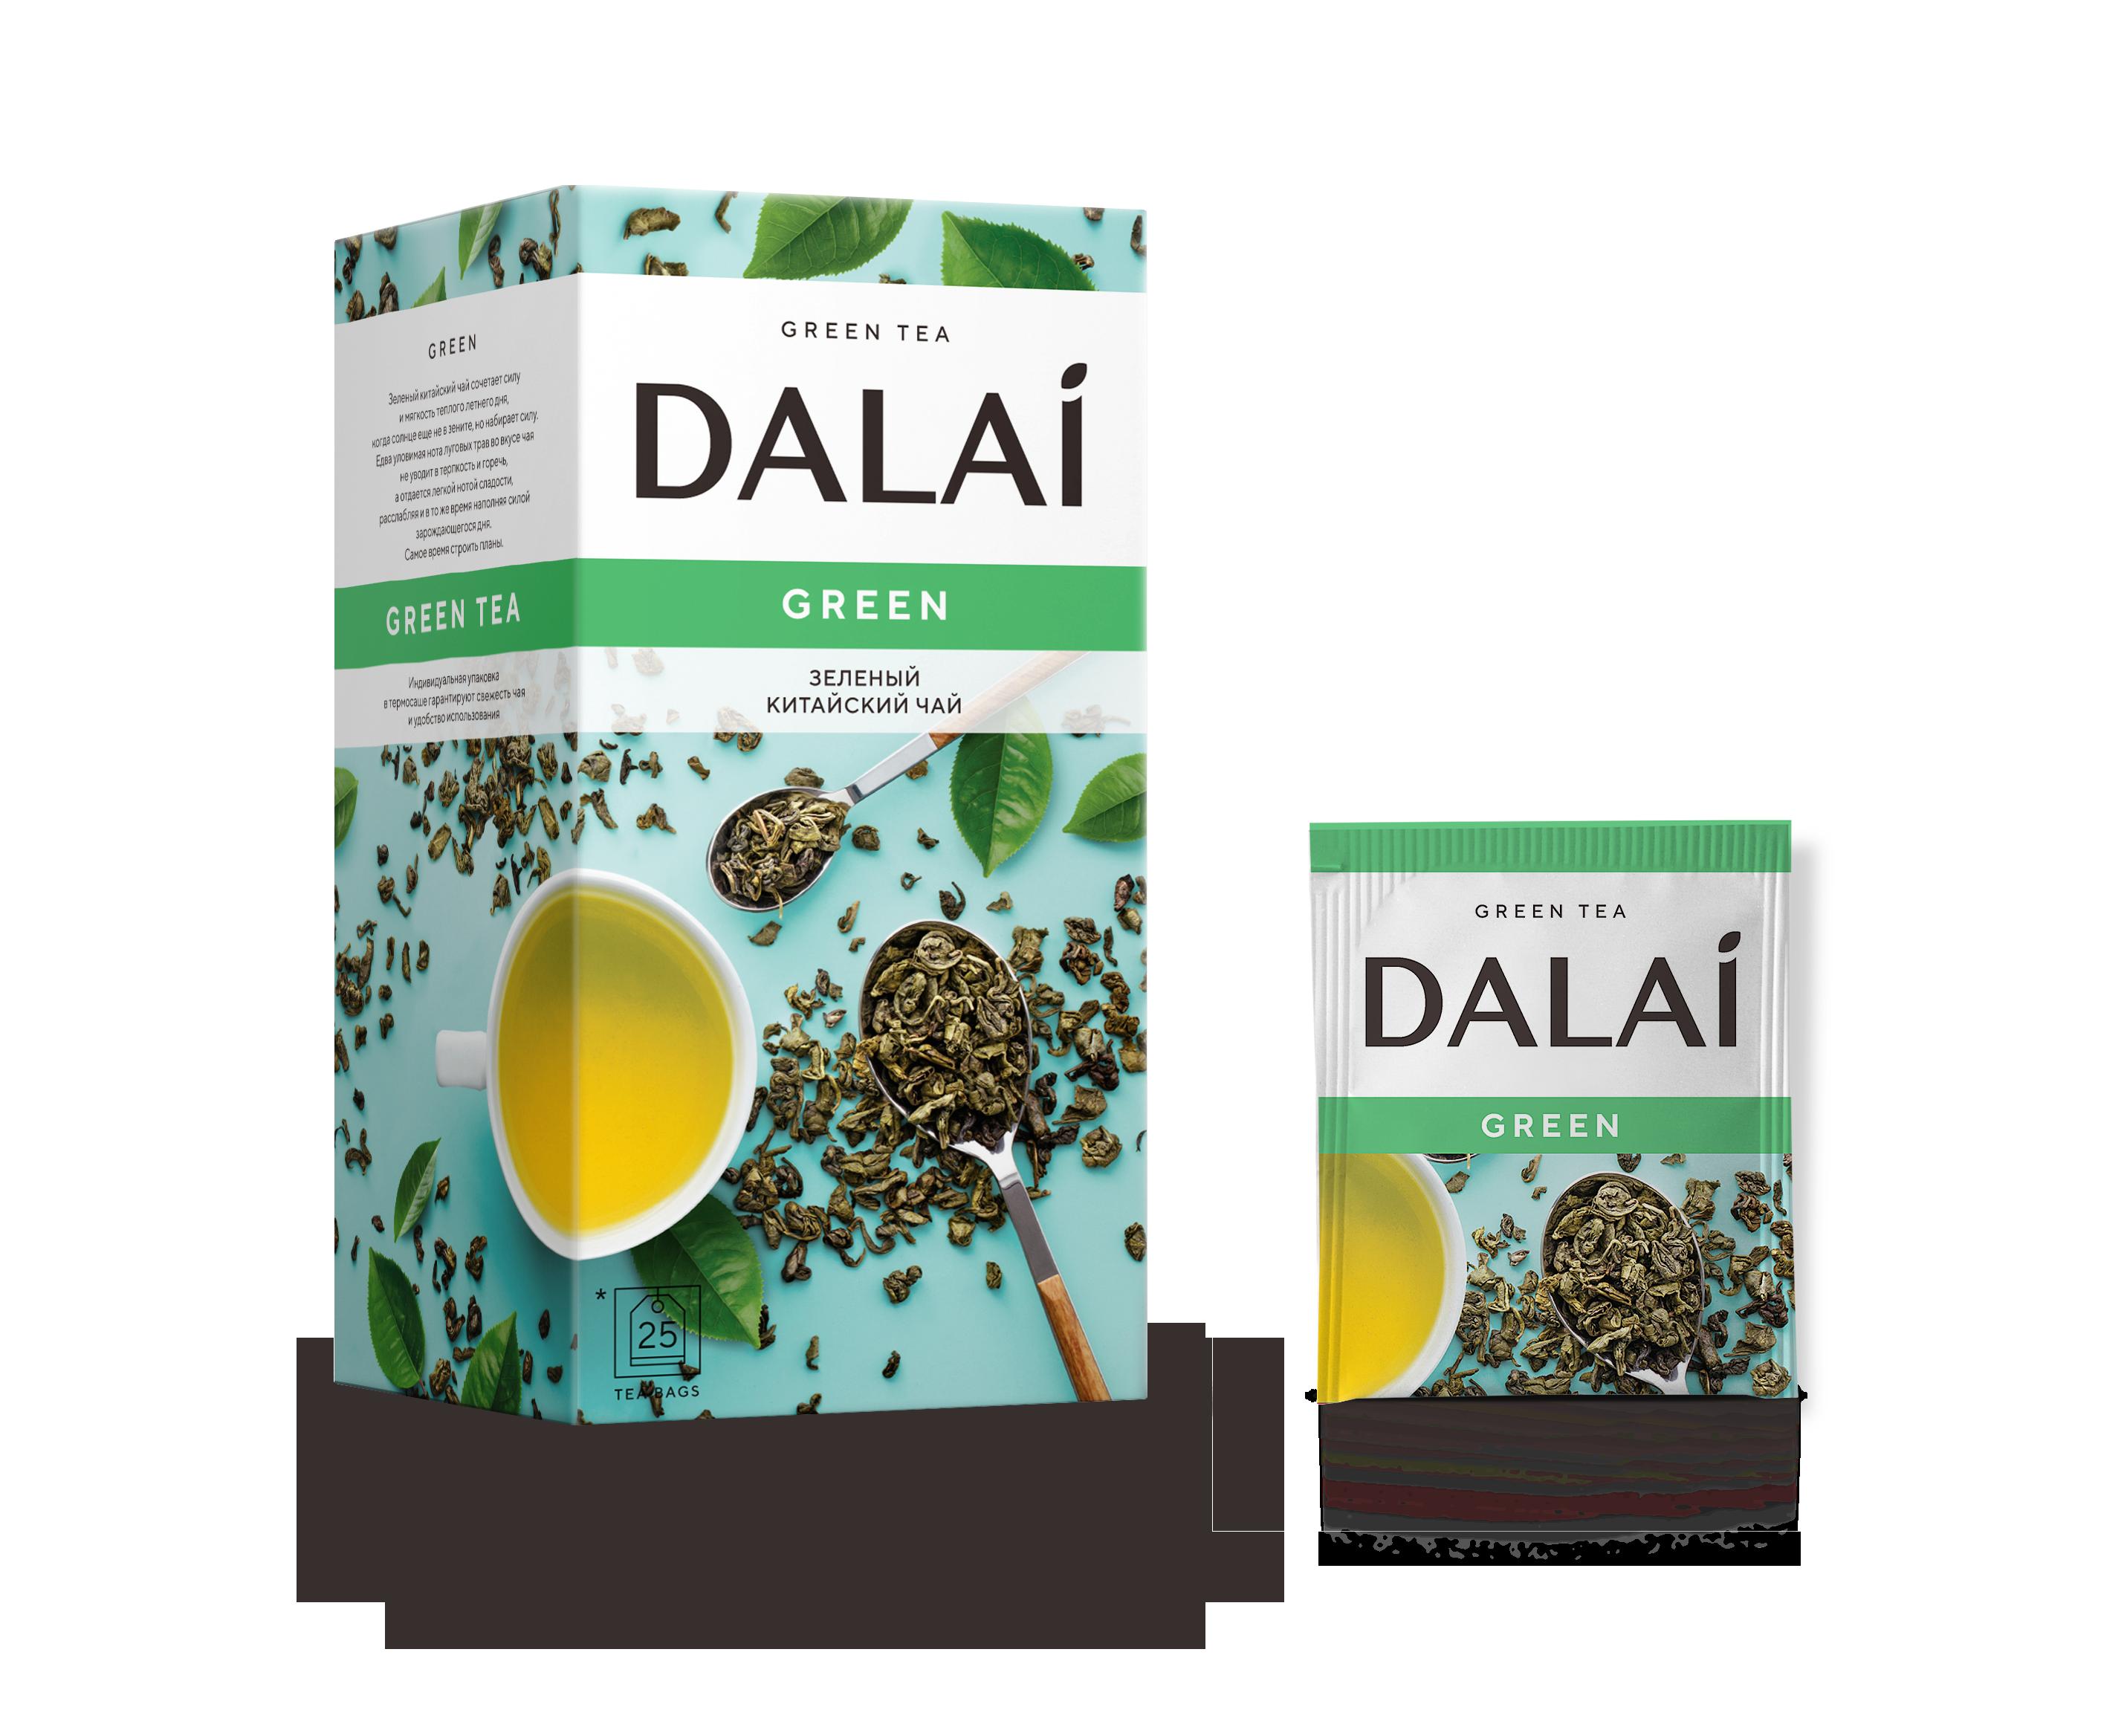 dalai green